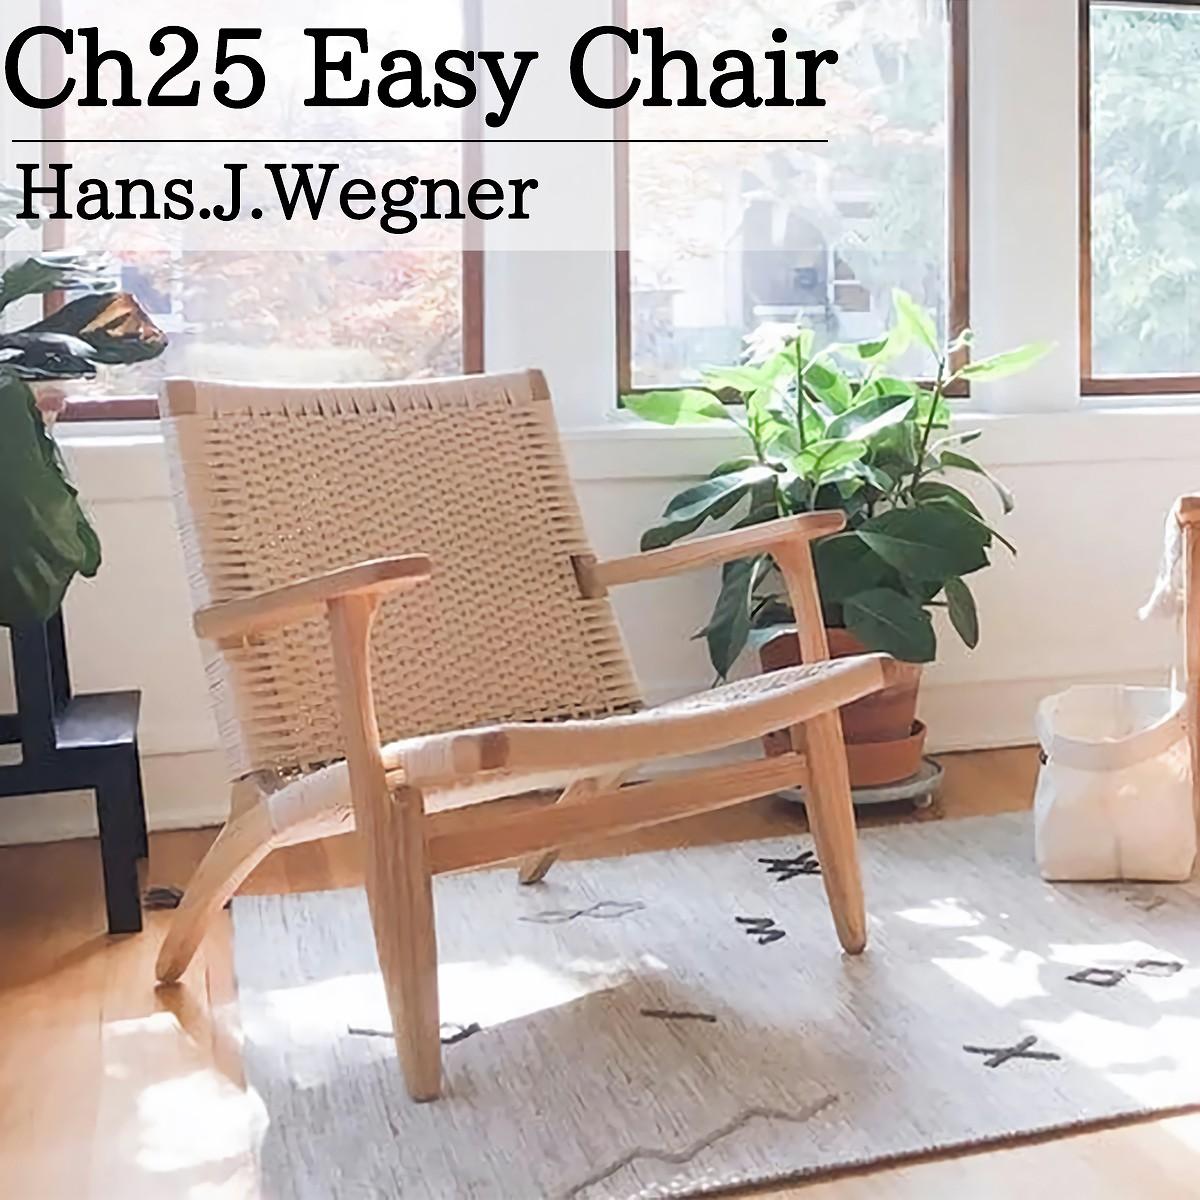 CH25 リビングチェア ハンスJウェグナー EasyChair イージーチェア デザイナーズチェア 北欧 モダン 木製椅子 おしゃれ ベージュ